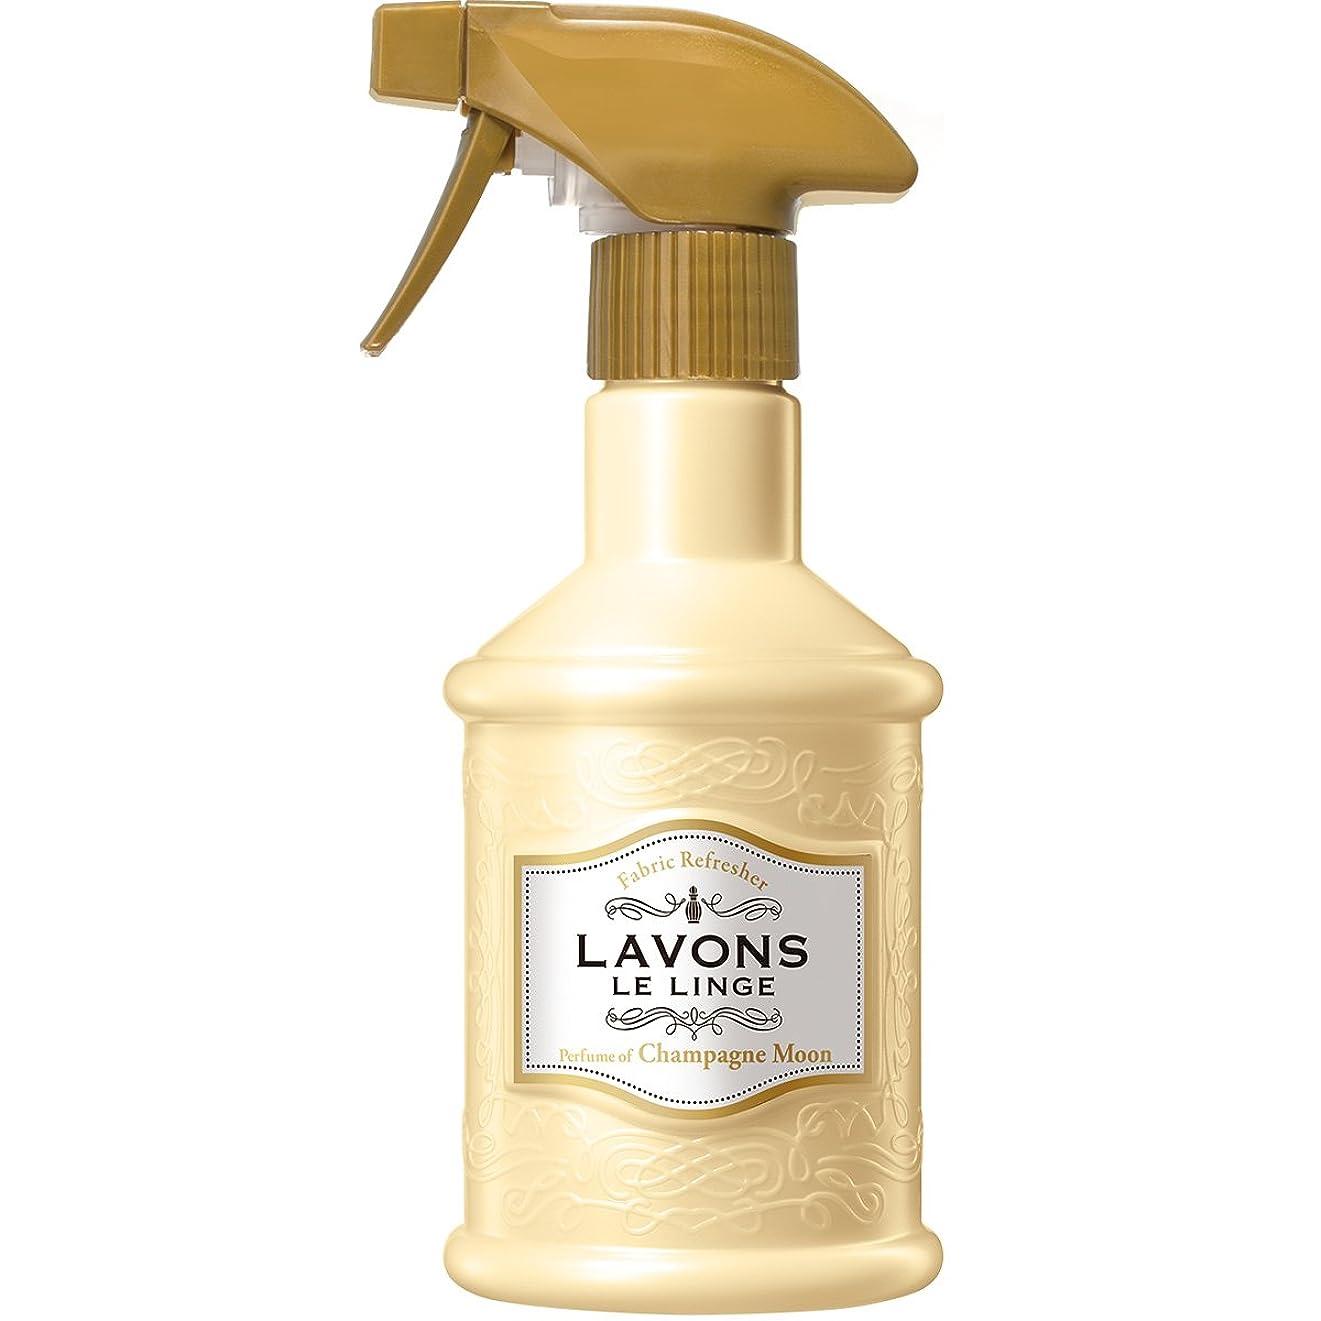 罪人フライト免疫ラボン ファブリックミスト シャンパンムーンの香り 370ml